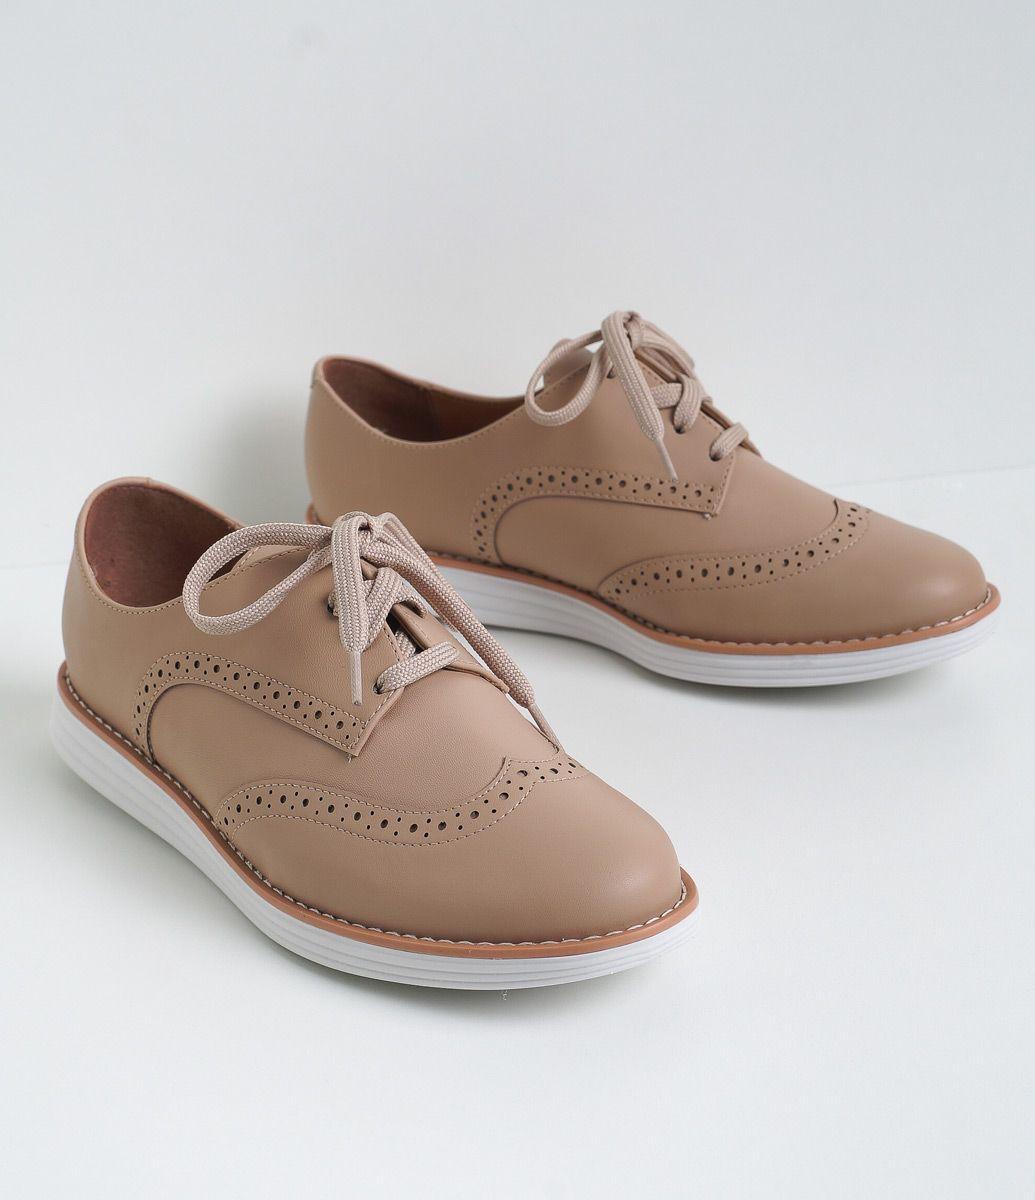 a49991b8761 Sapato feminino Material  sintético Oxford Marca  Vizzano COLEÇÃO INVERNO  2016 Veja outras opções de sapatos femininos.